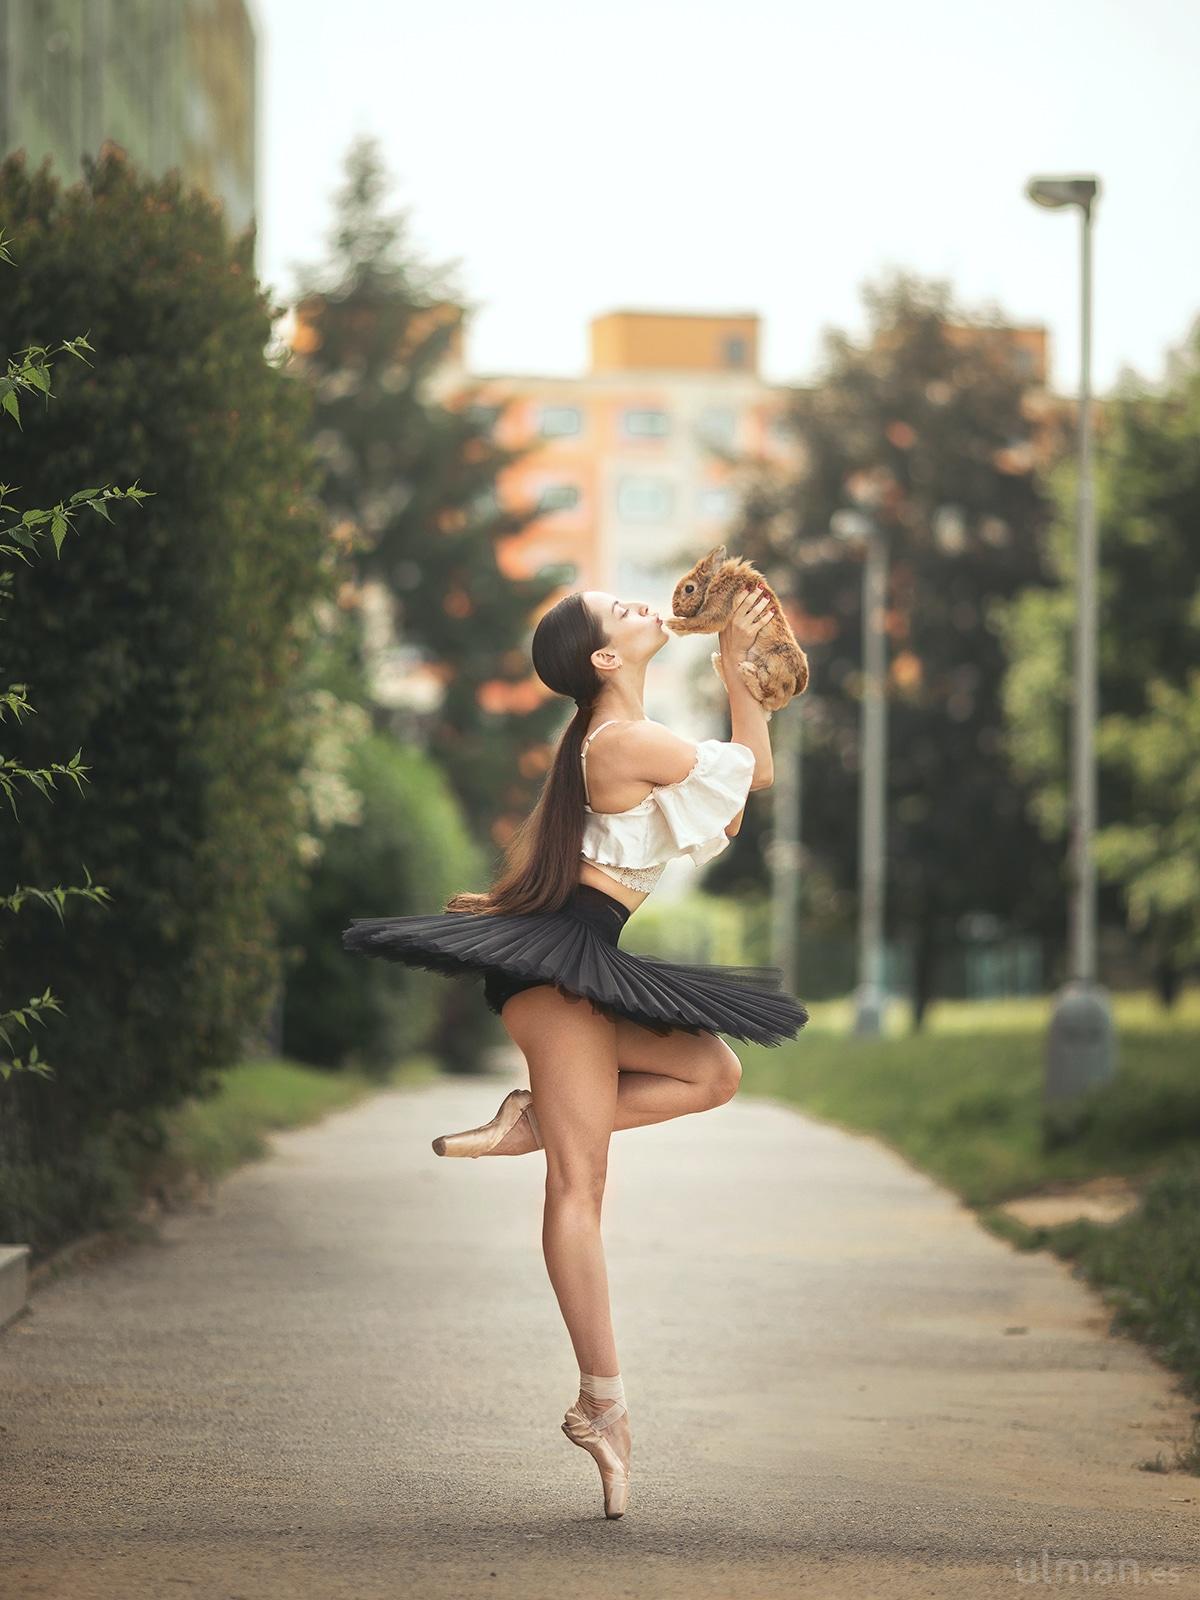 динамичные танцы на улицах